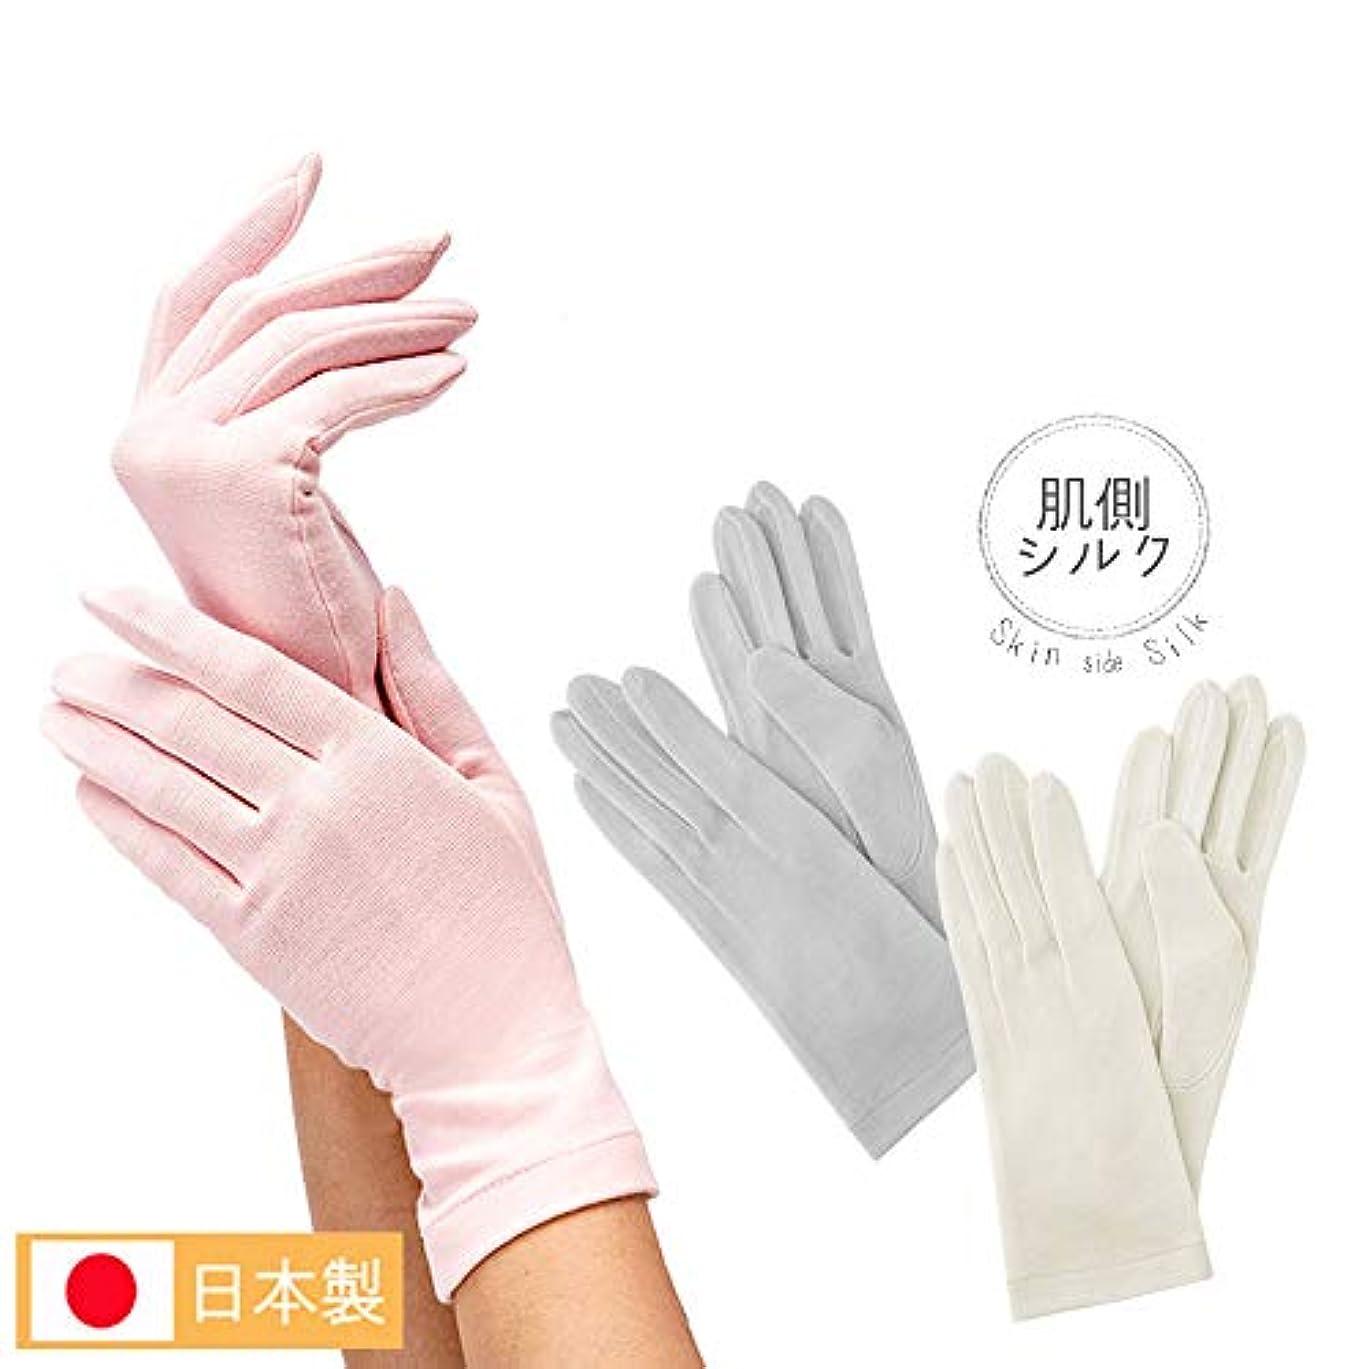 ヒョウ支払いマスタードG12-0071_PK 就寝用 裏シルクうるおい手袋 あったか 薄い 手荒れ ハンドケア 保湿 レディース 女性 おやすみ 寝るとき 日本製 ピンク